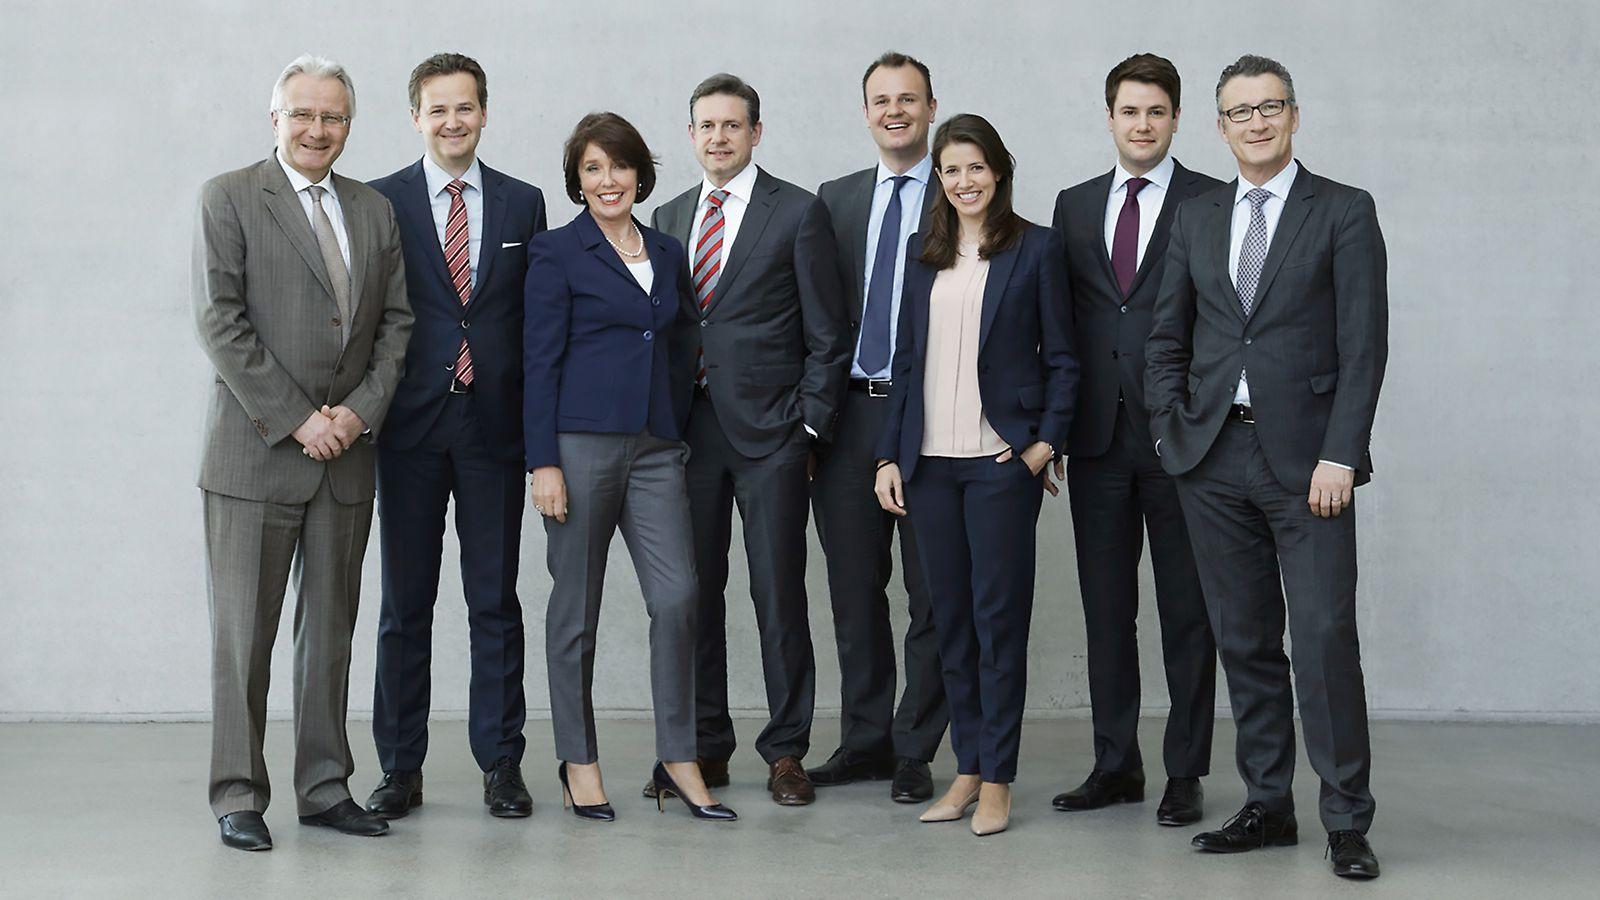 Schwörer familien og styrets medlemmer